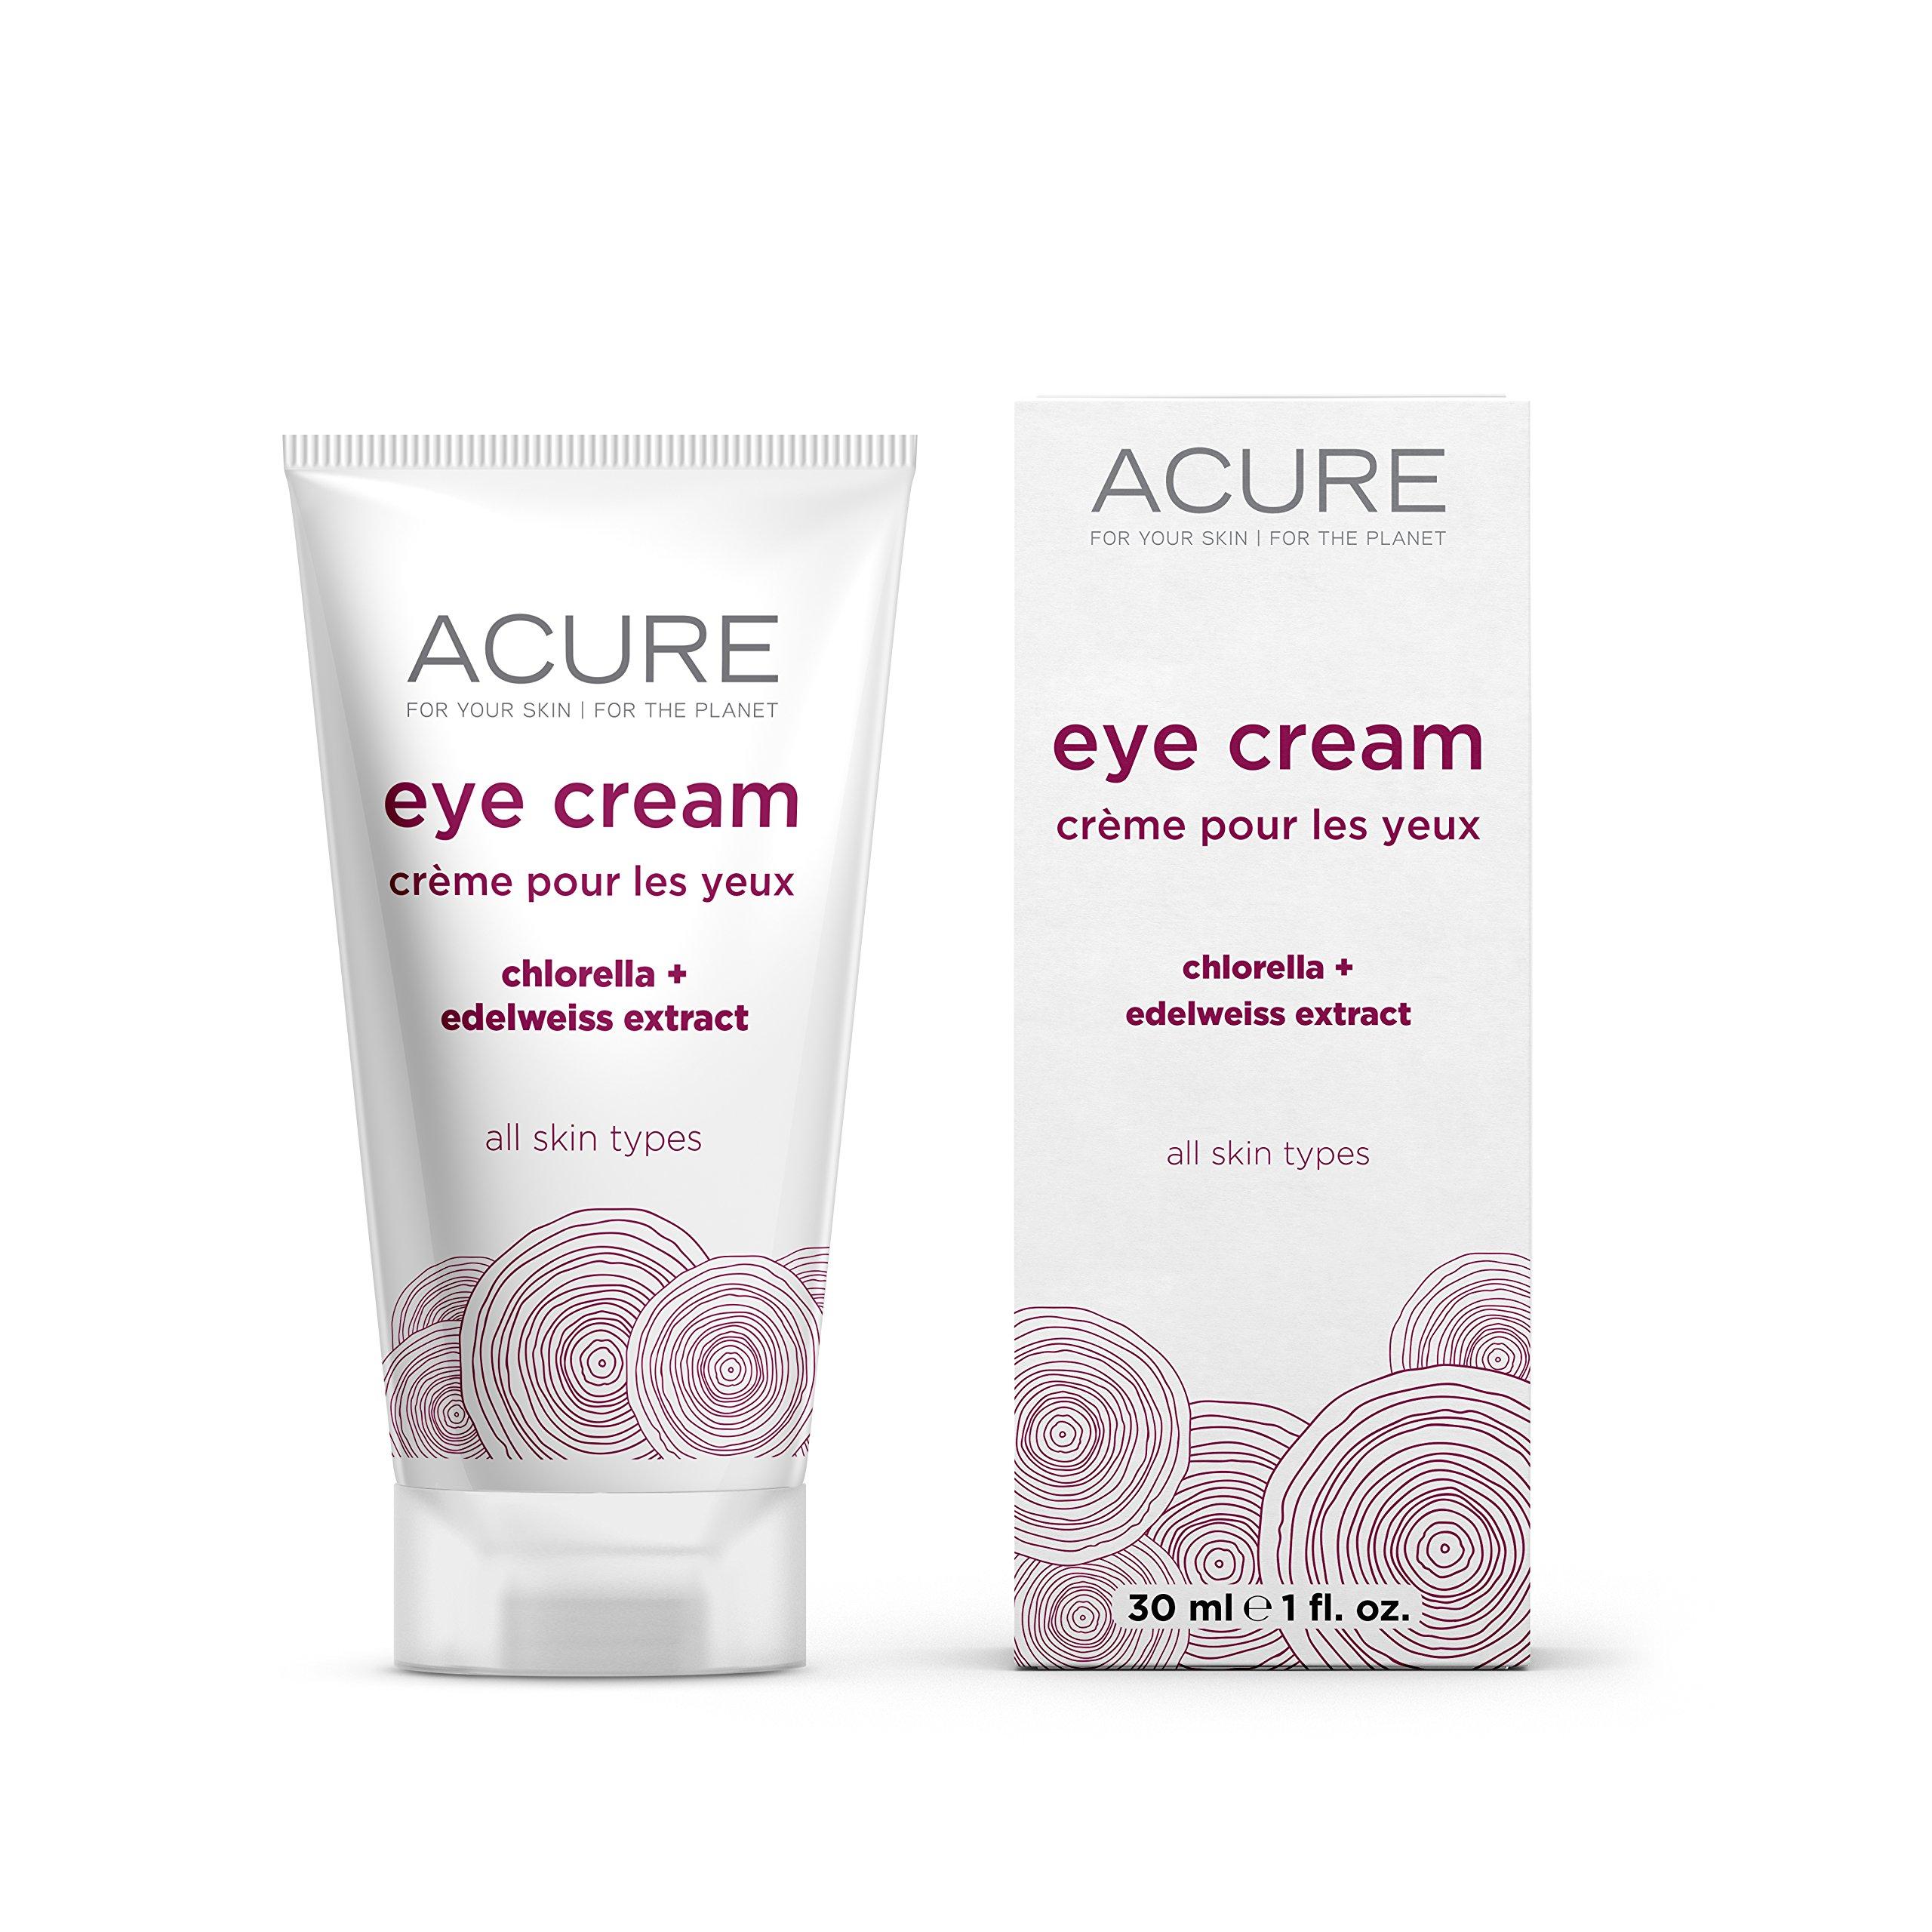 ACURE Eye Cream 1.0 oz